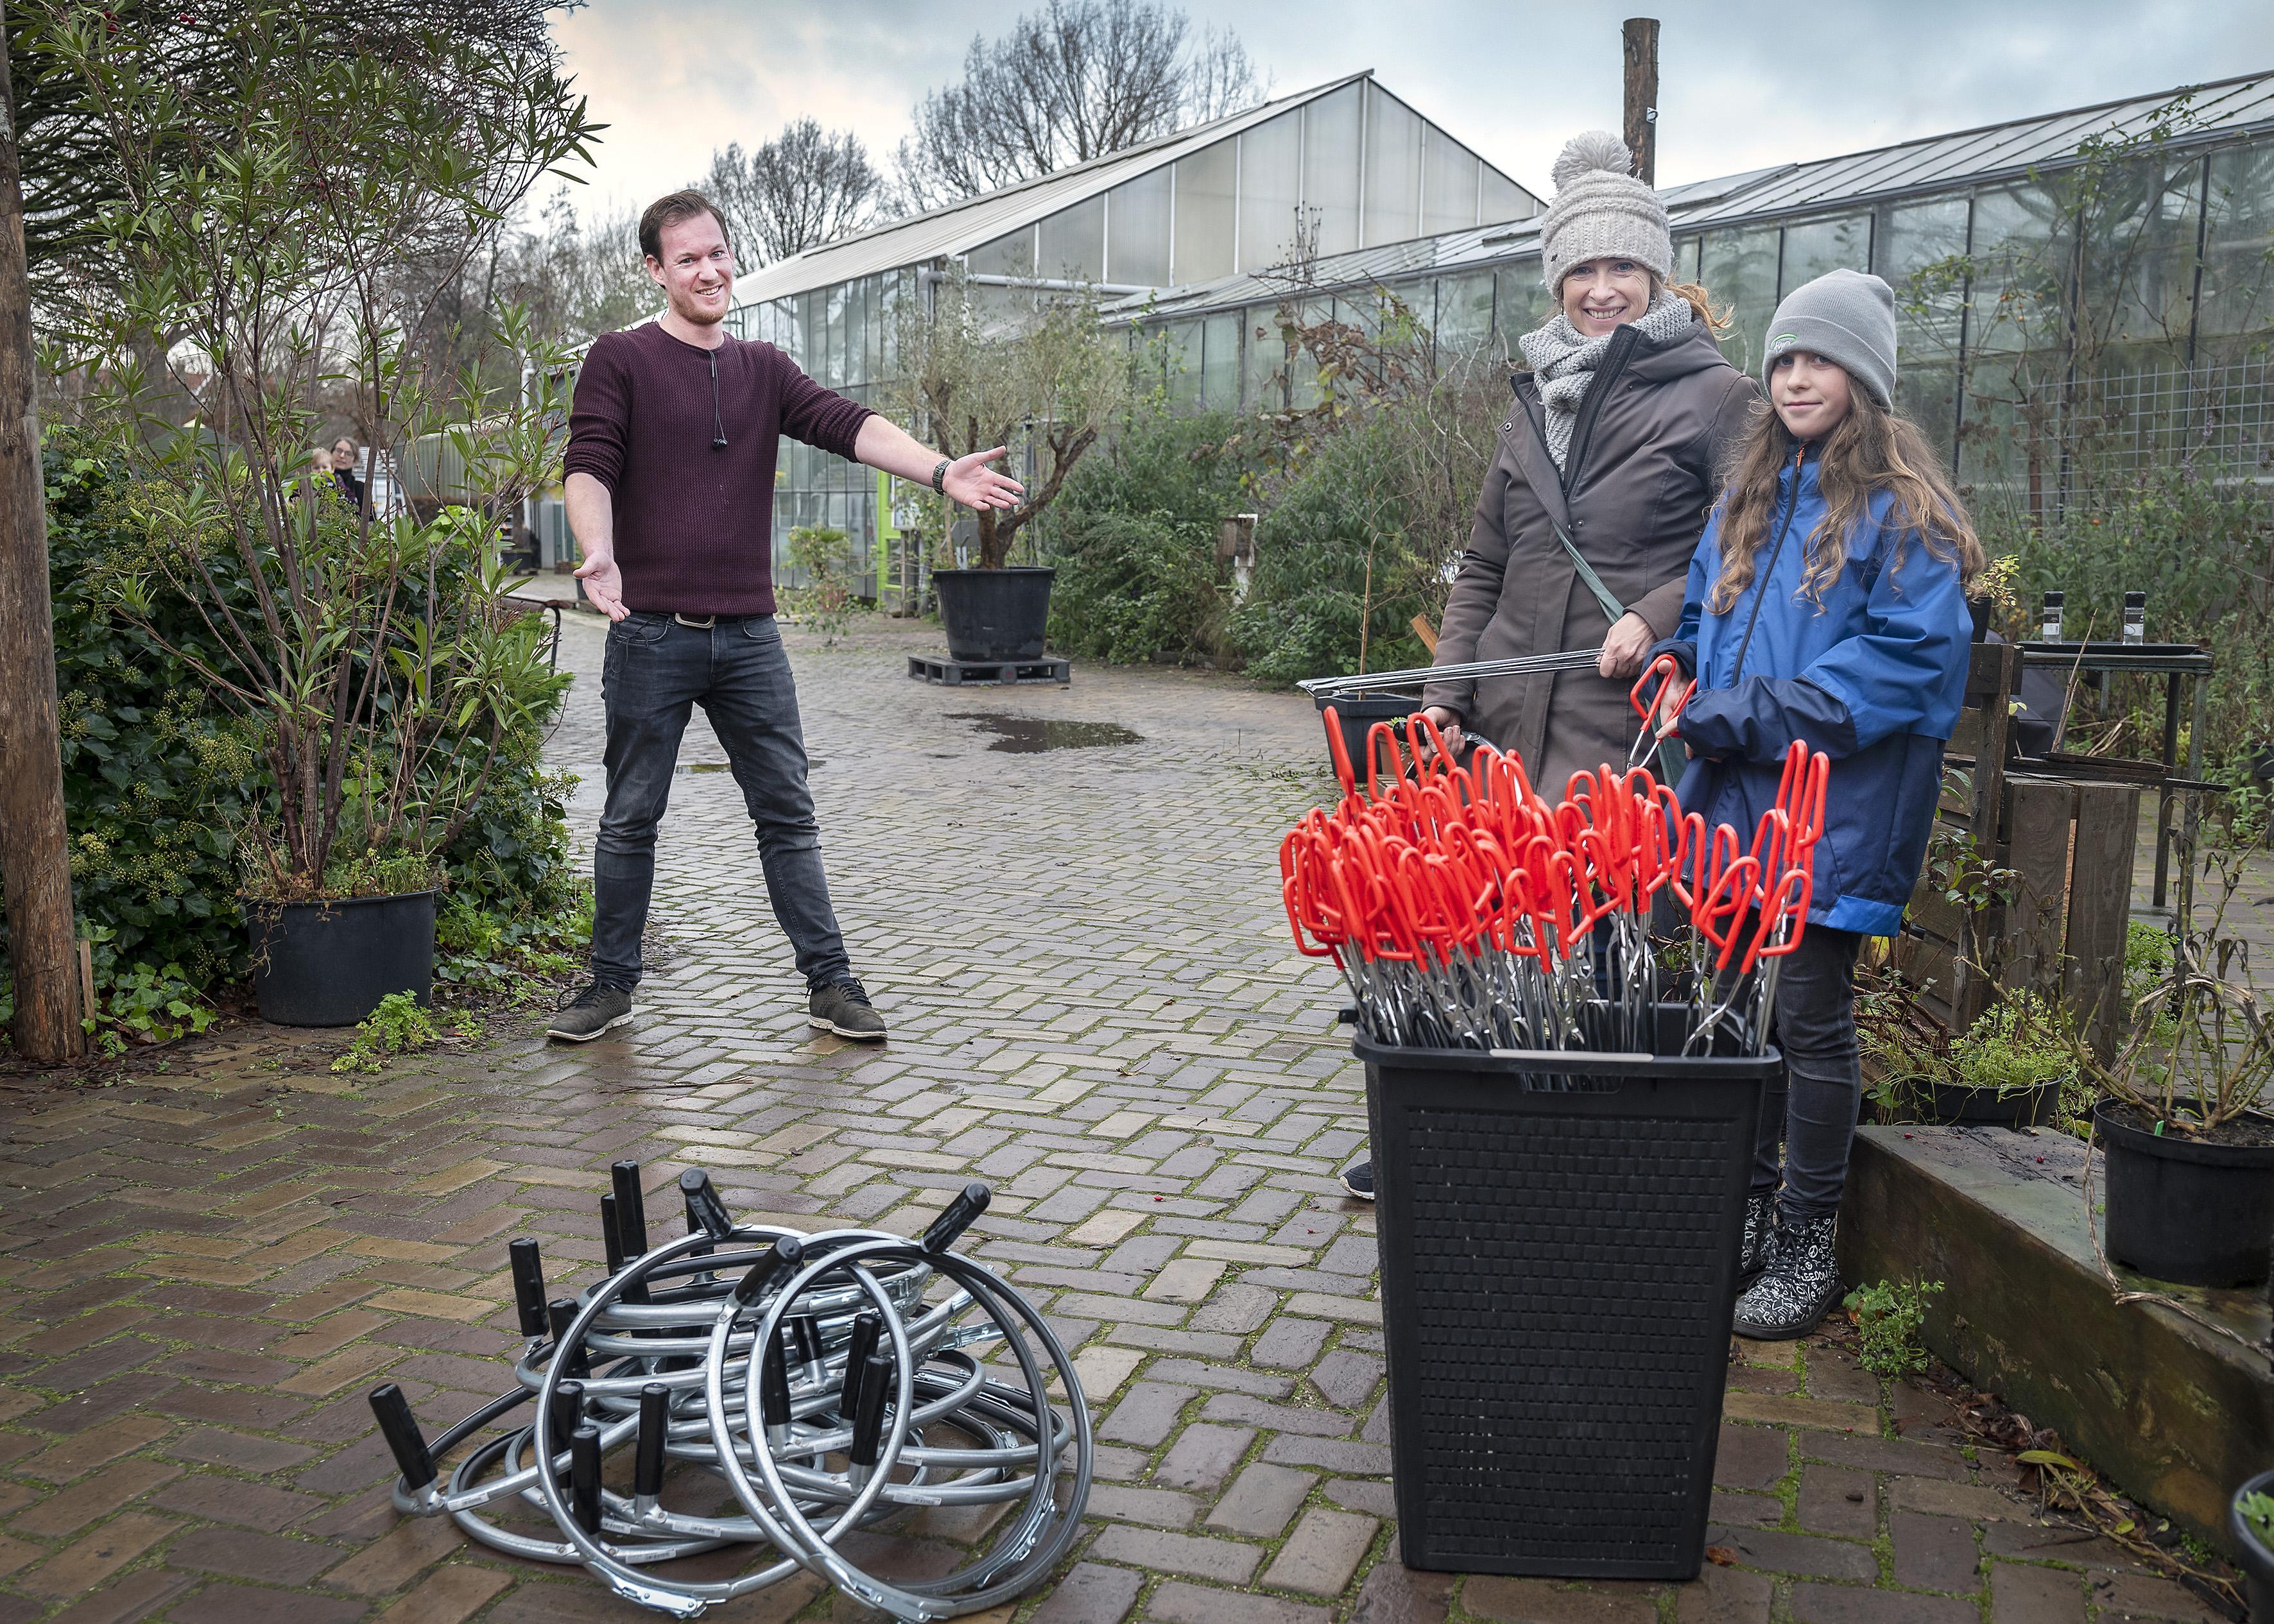 Schoonwandelen razend populair tijdens coronatijd, gratis opruimsets ophalen in Haarlem